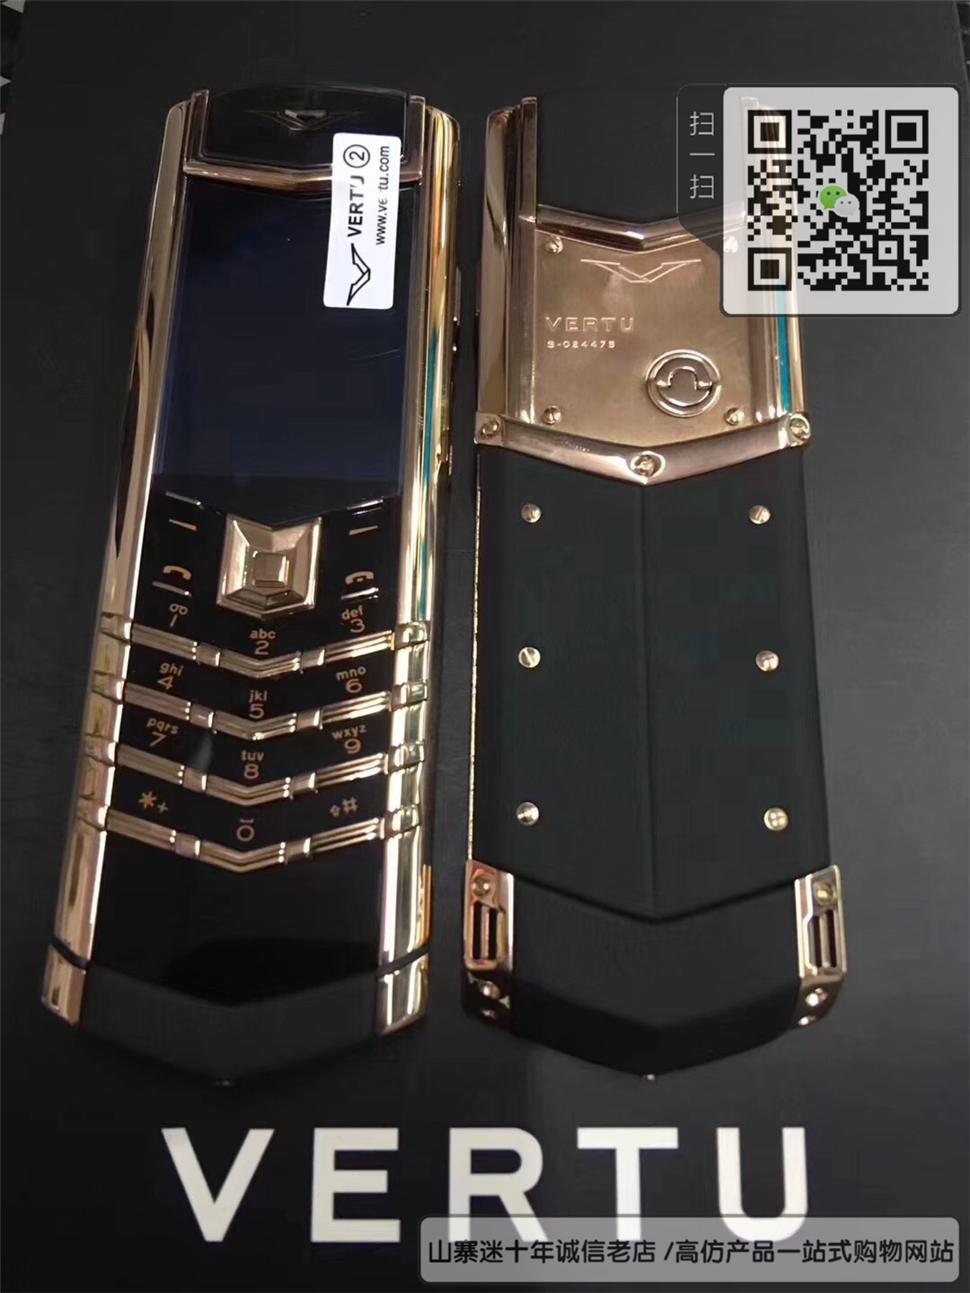 高仿纬图VERTU直板手机-黑色+玫瑰金色-小牛皮 ☼